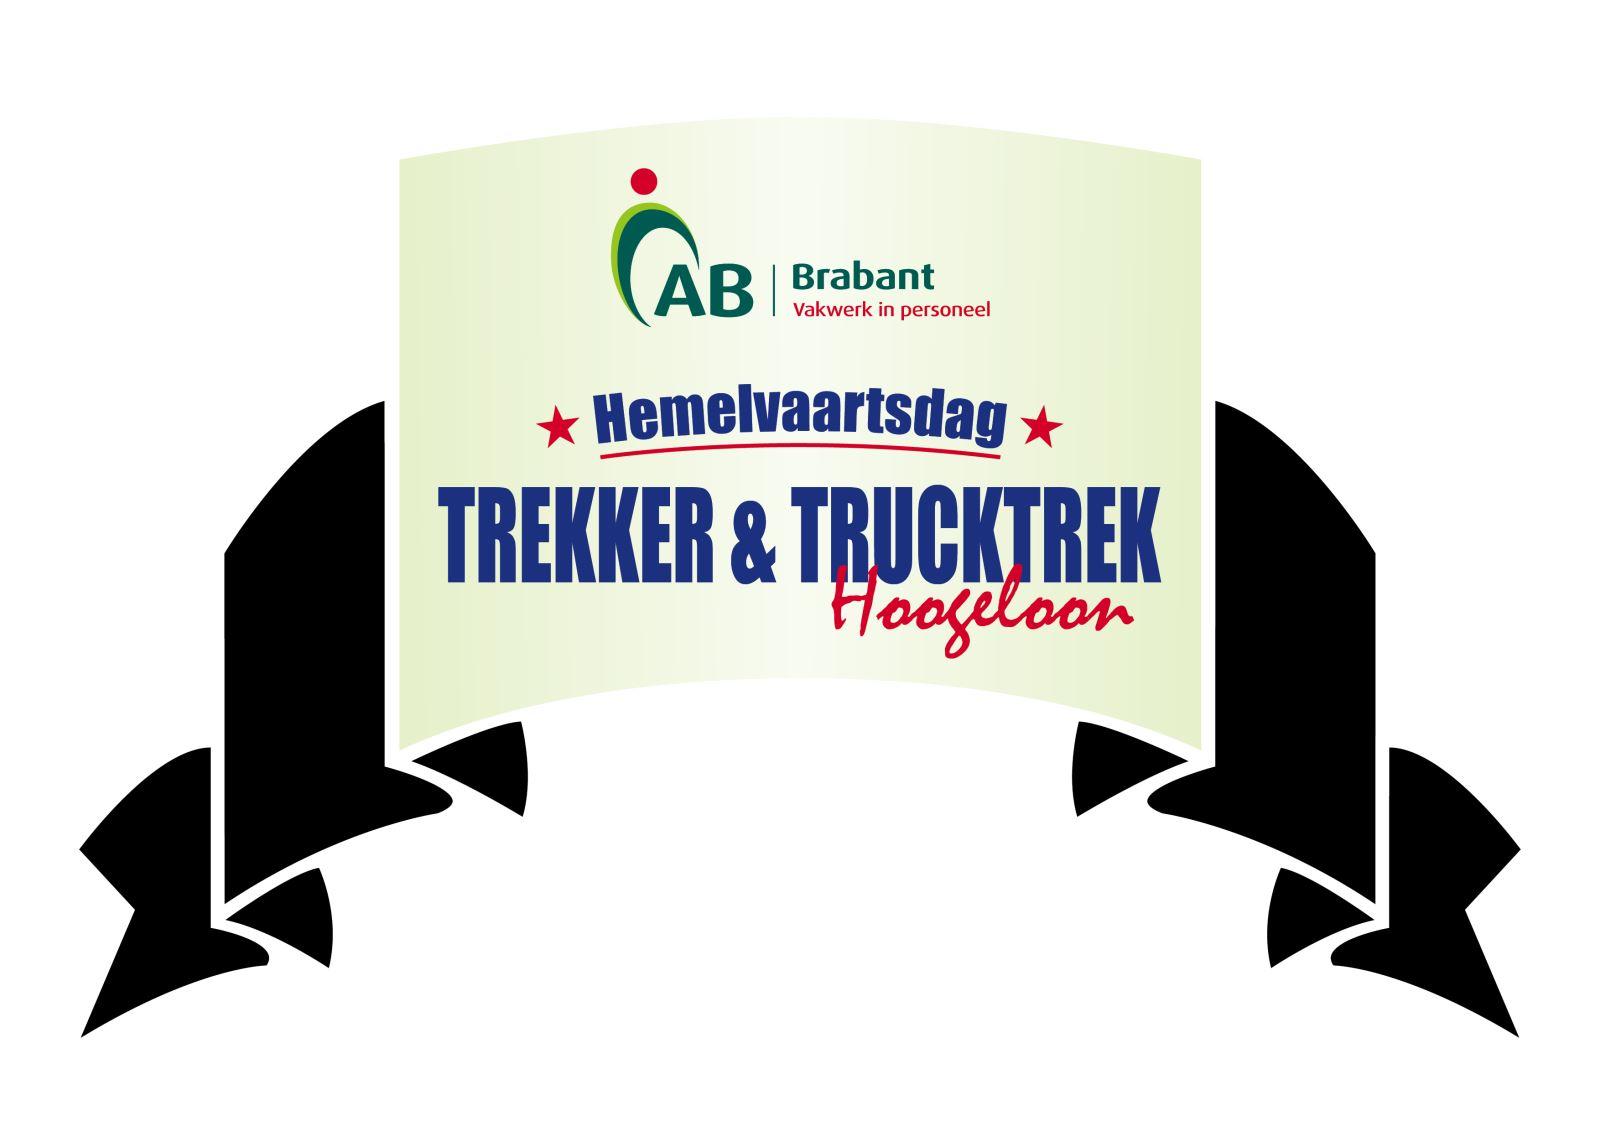 Logo AB Brabant Trekkertrek